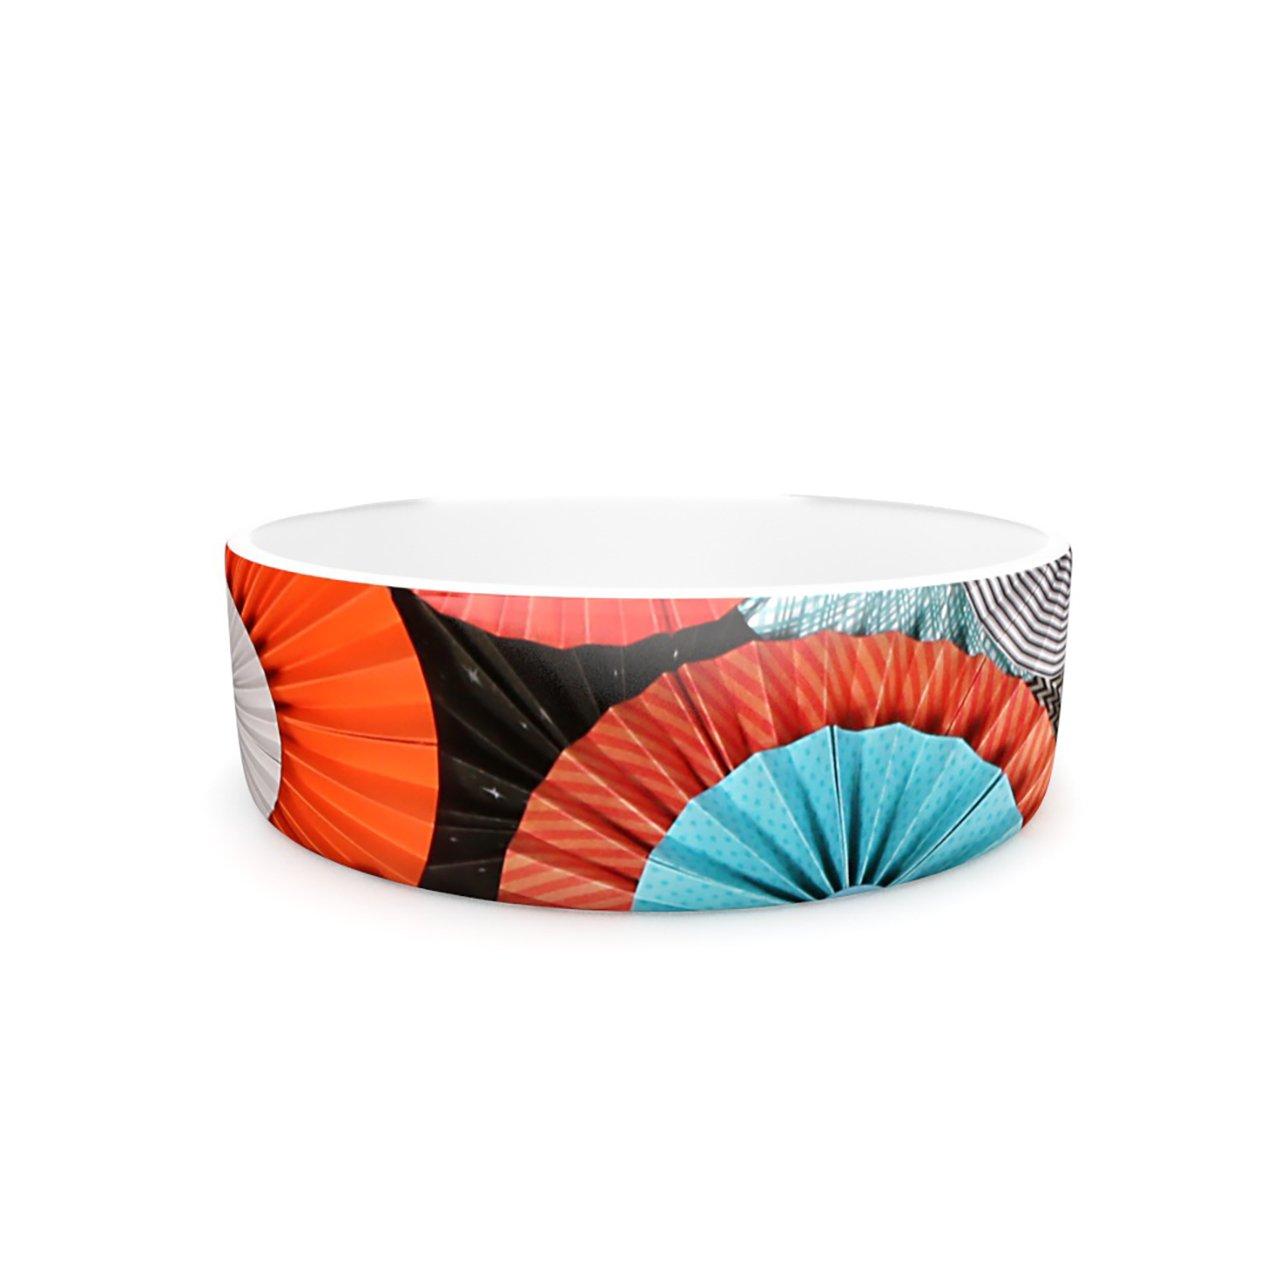 Kess InHouse Heidi Jennings Breaking Free  Pet Bowl, 7-Inch, orange bluee